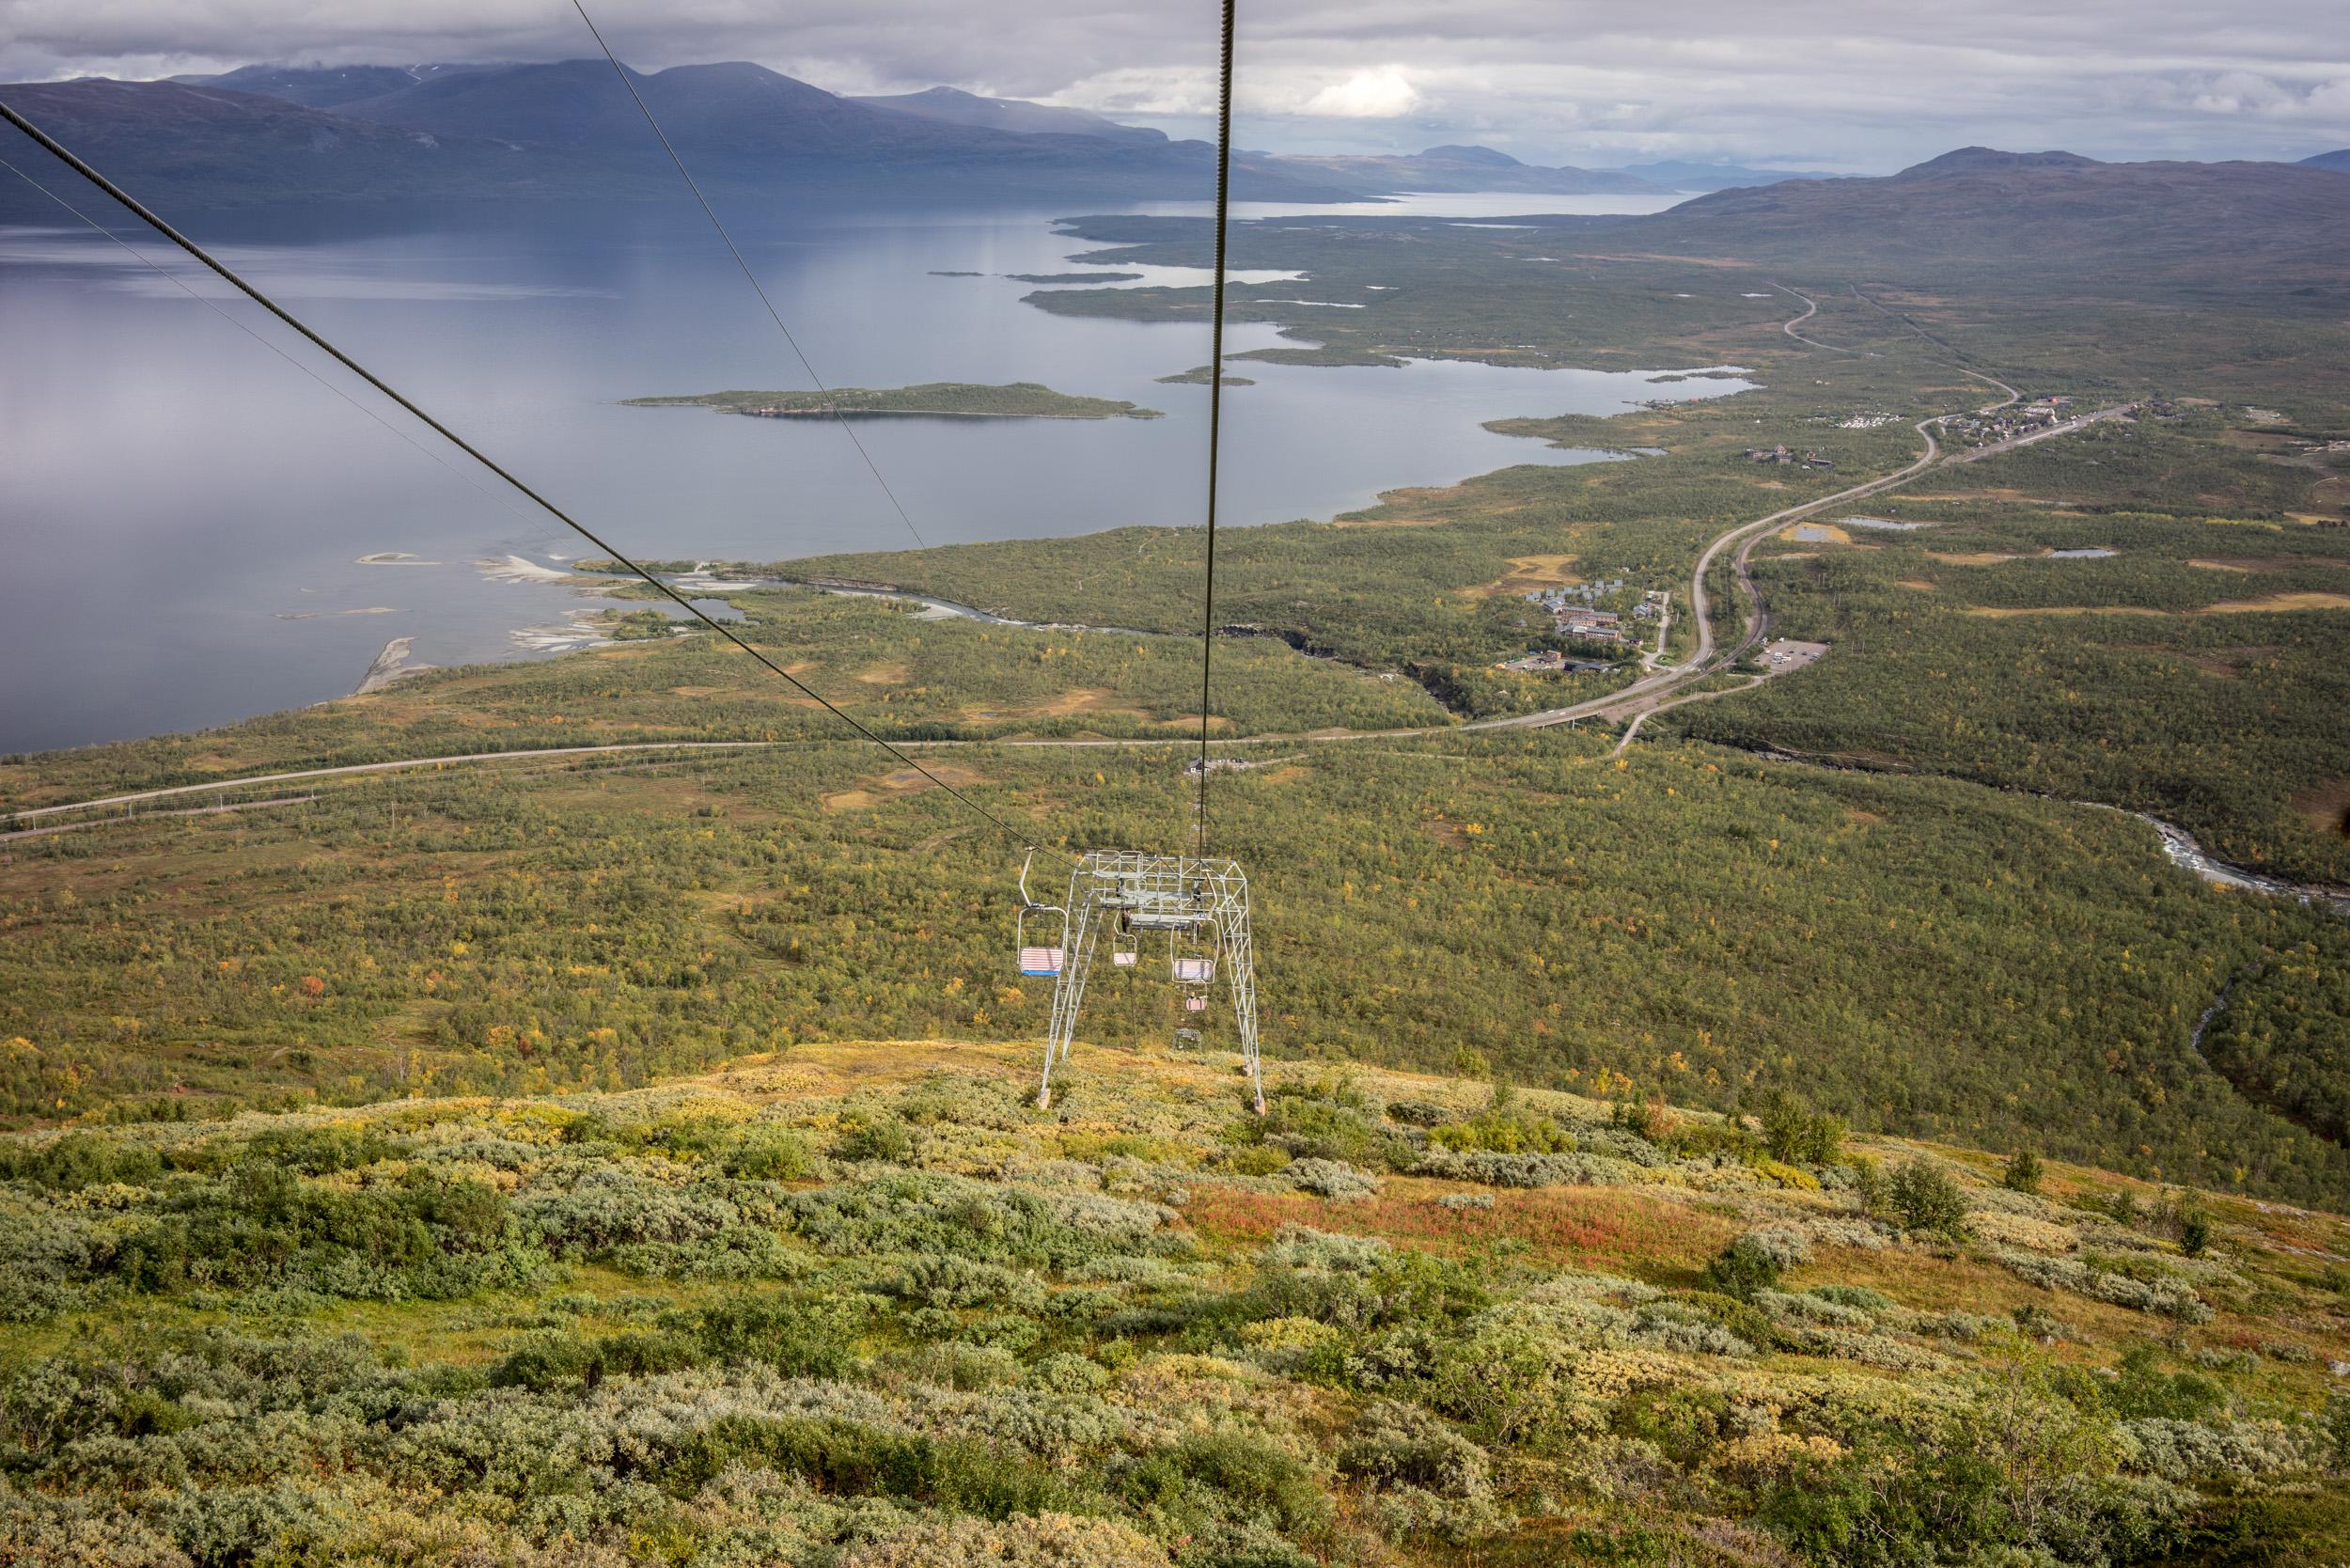 Le télésiège de l'Aurora Sky Station offre une magnifique vue panoramique sur le lac Torneträsk. Les bâtiments au centre sont ceux de l'Abisko Tourist Station et plus au fond à droite se trouve la petite ville d'Abisko.